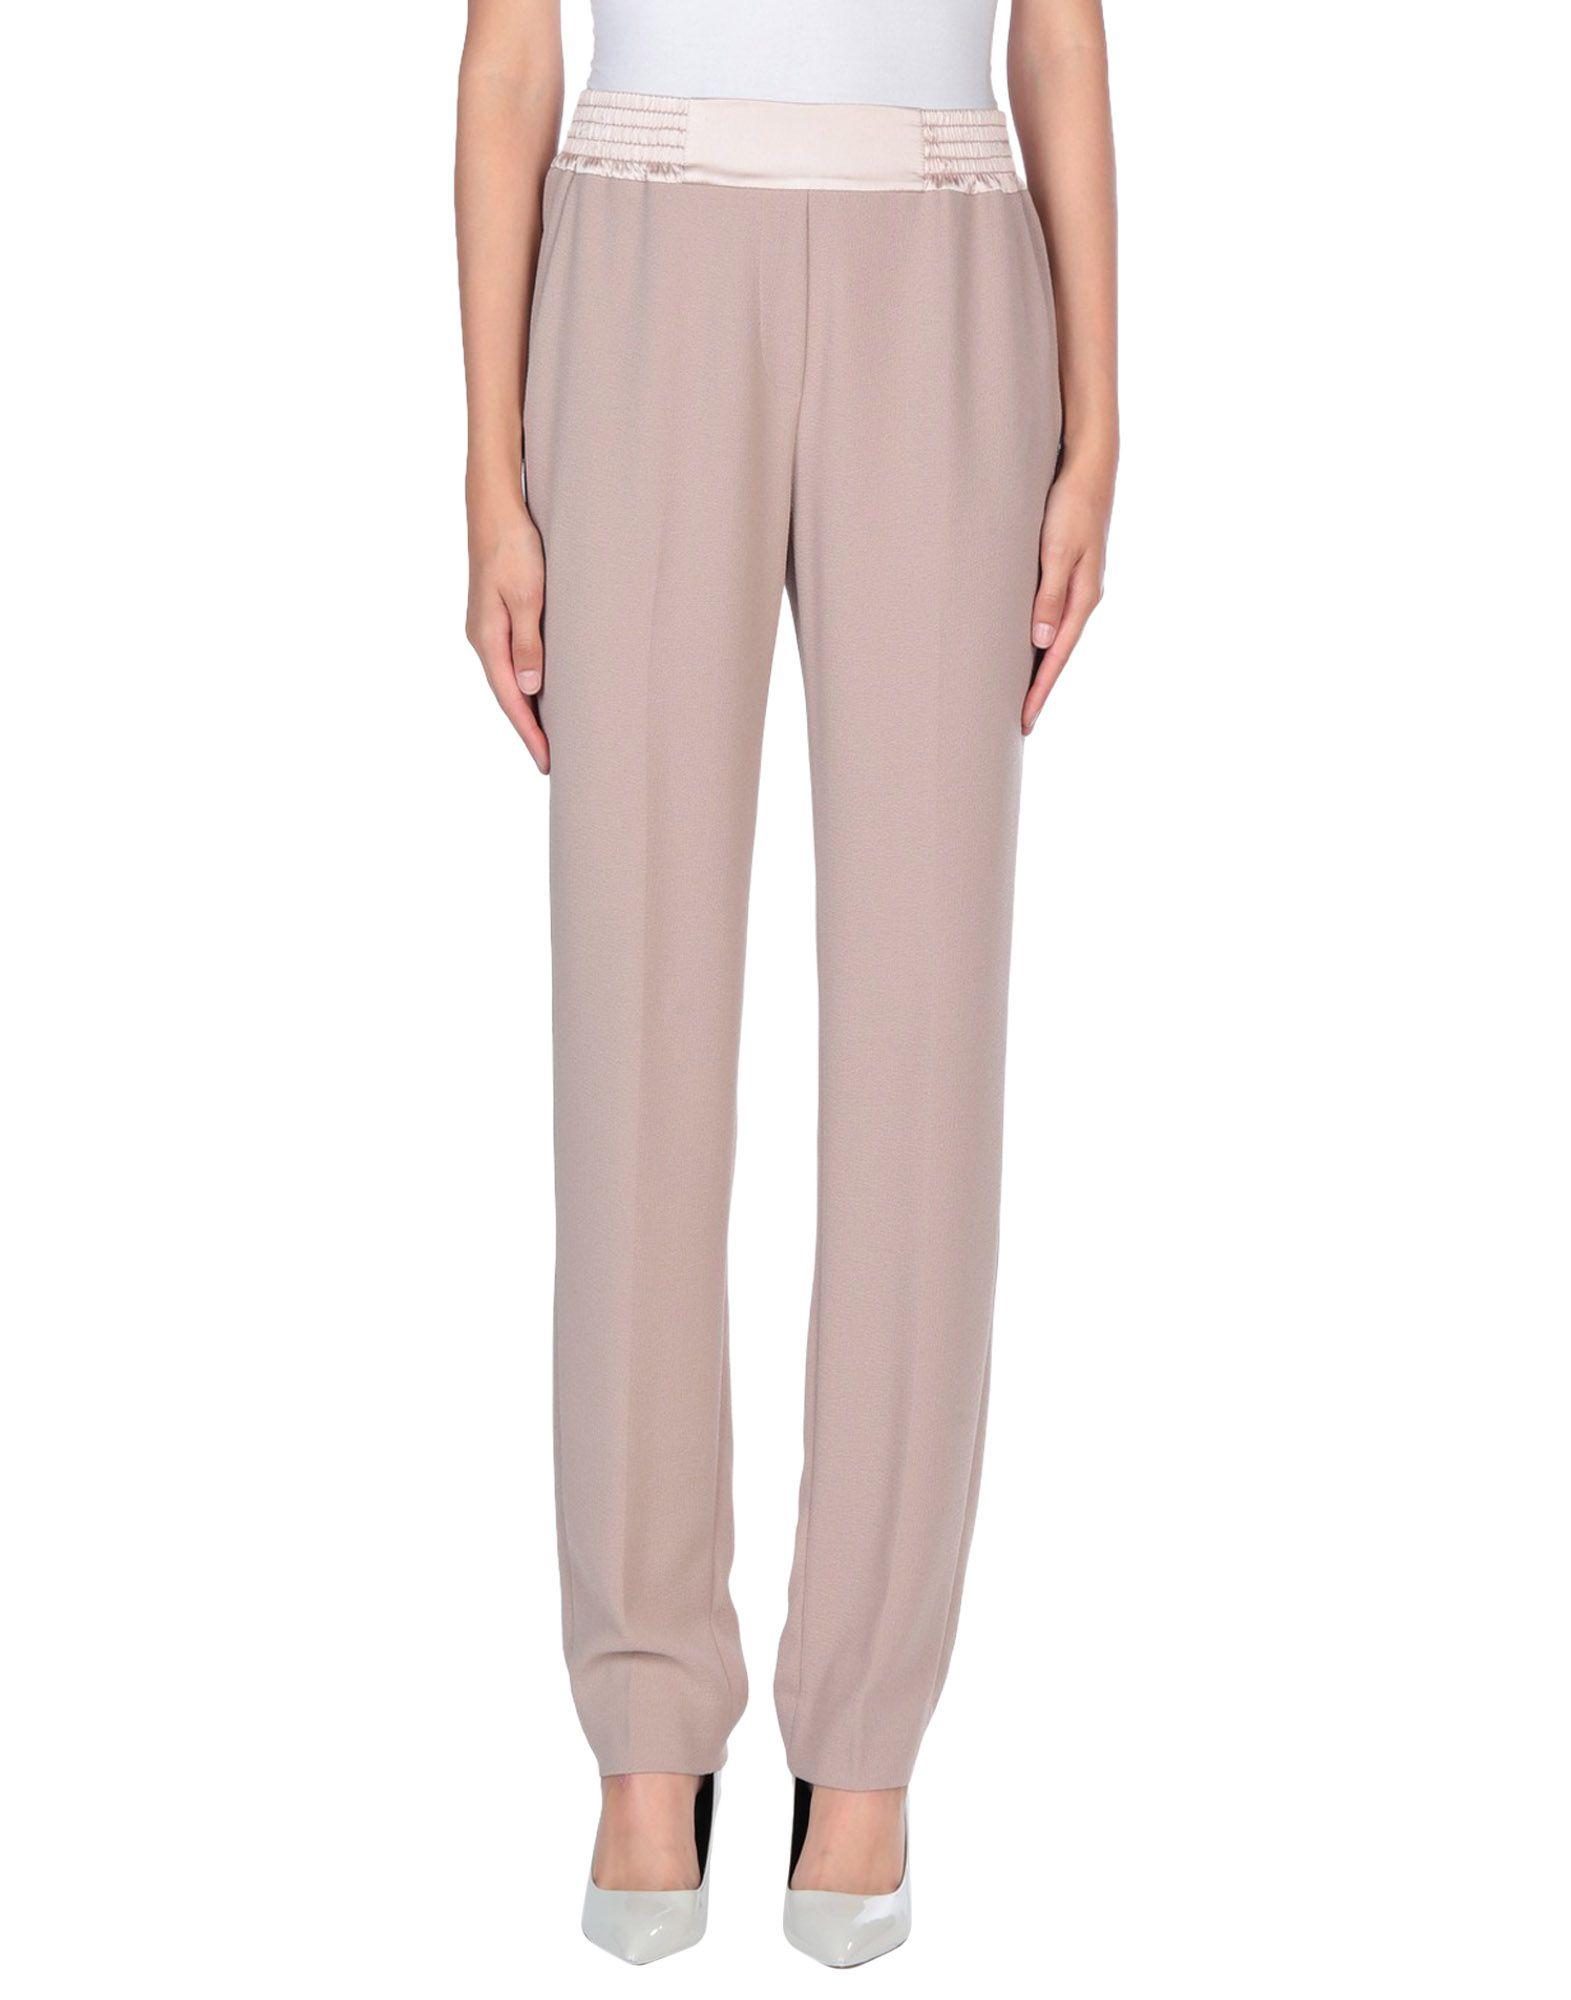 VIA MASINI 80 Casual Pants in Pastel Pink